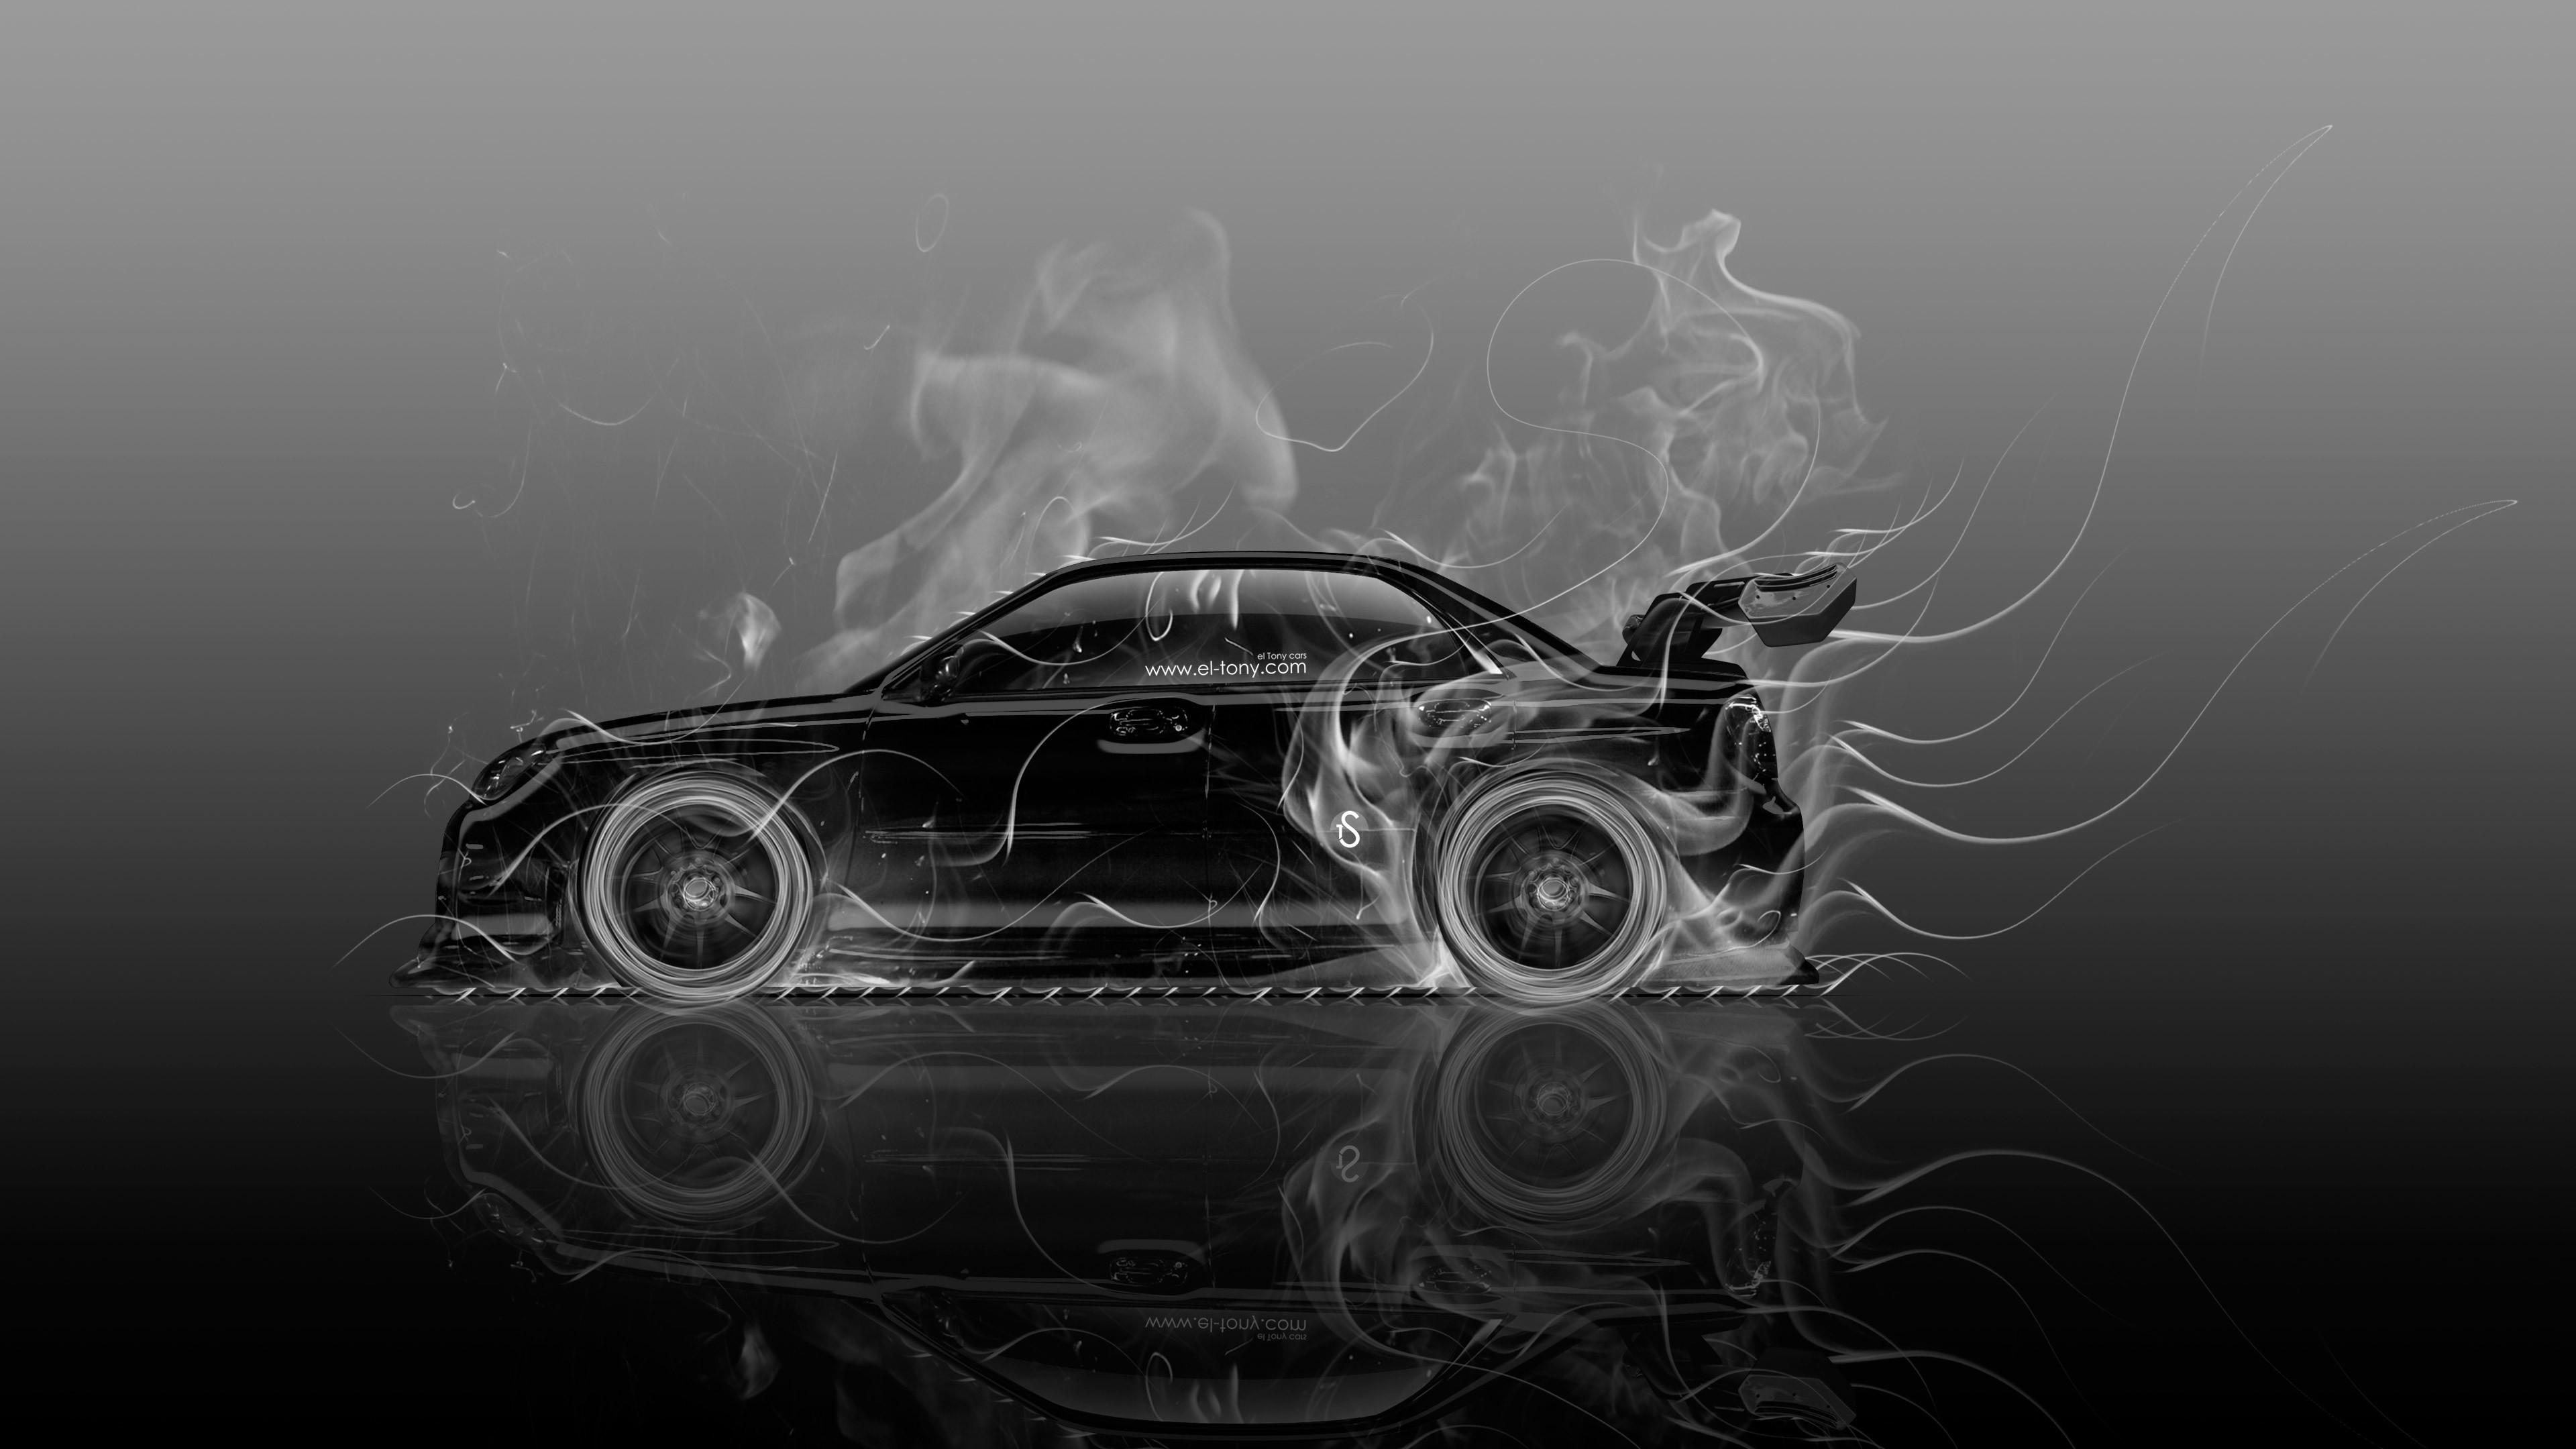 … Subaru-Impreza-WRX-STI-Tuning-JDM-Side-Fire-